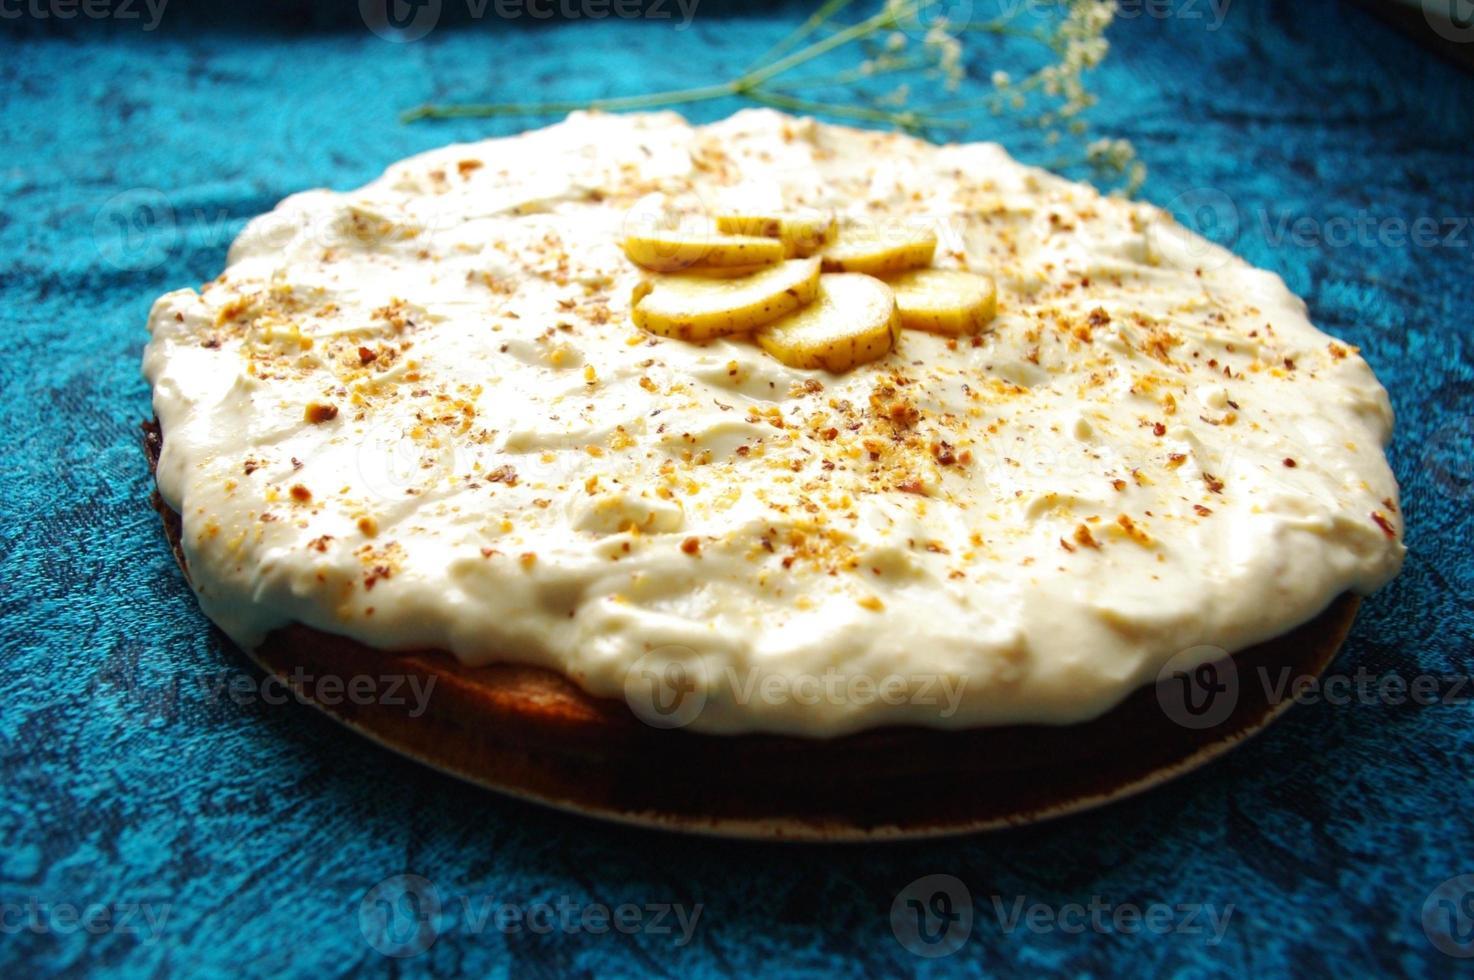 hemlagad krämig kaka med bananer foto